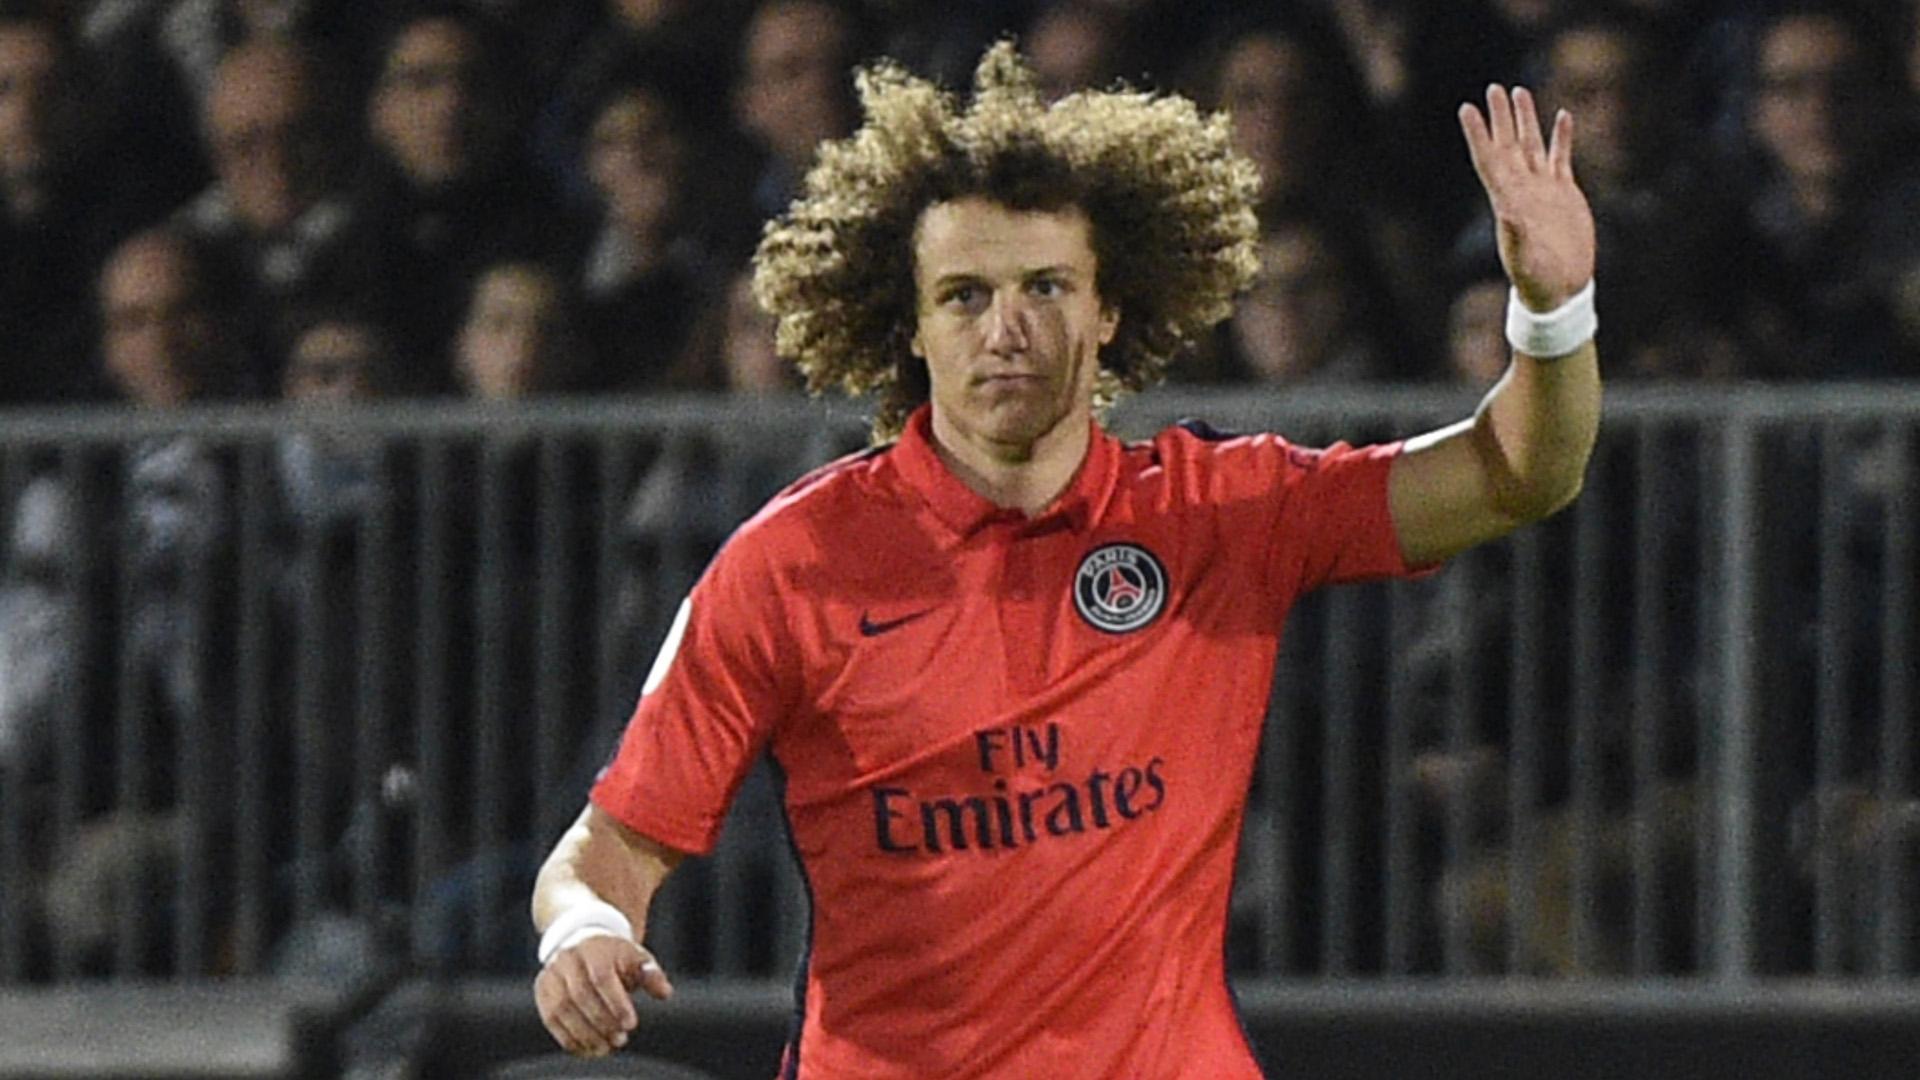 Angers PSG Ligue 1 David Luiz 01122015 - Goal.com